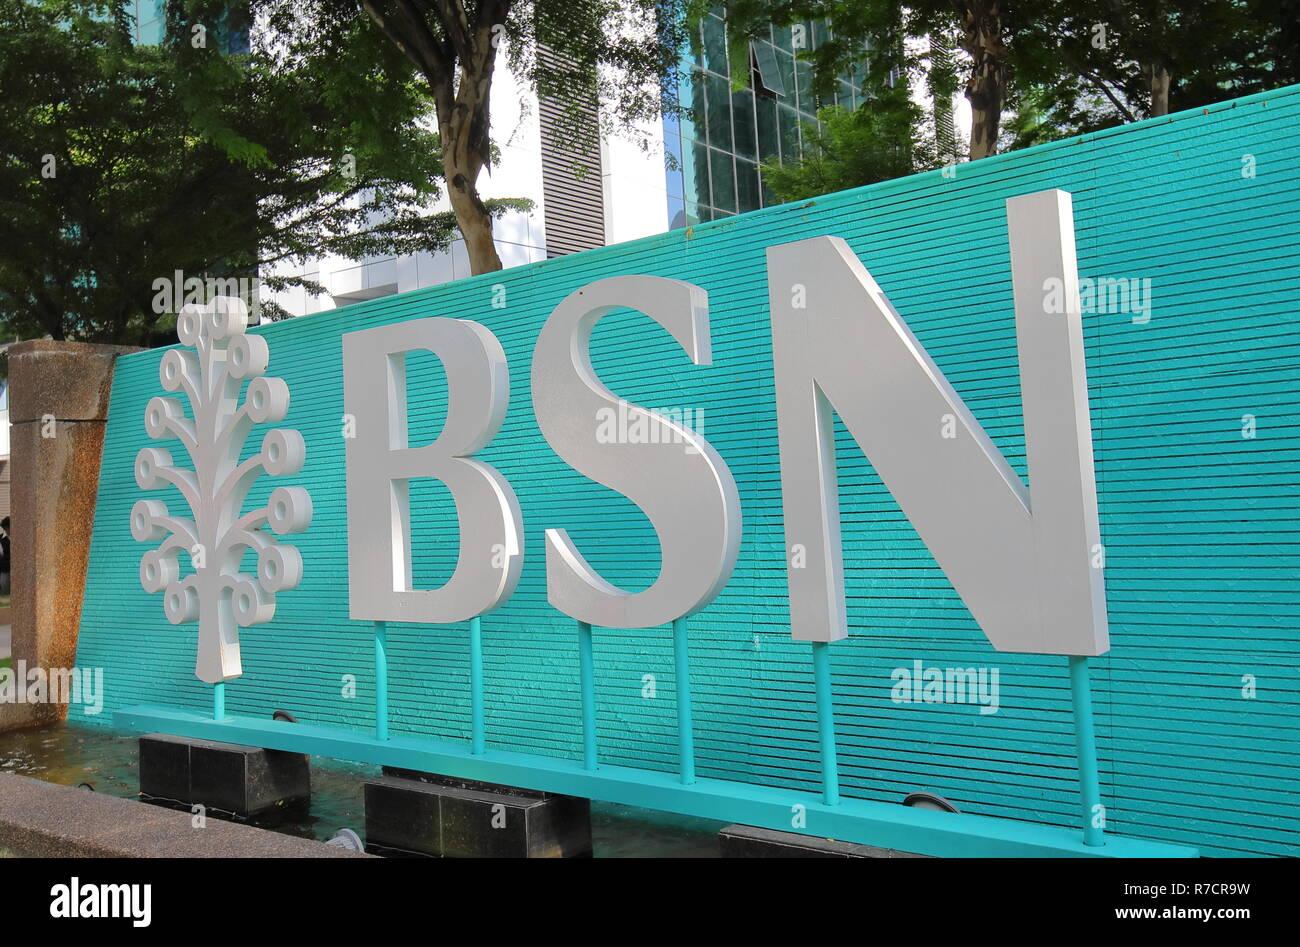 Bsn banking